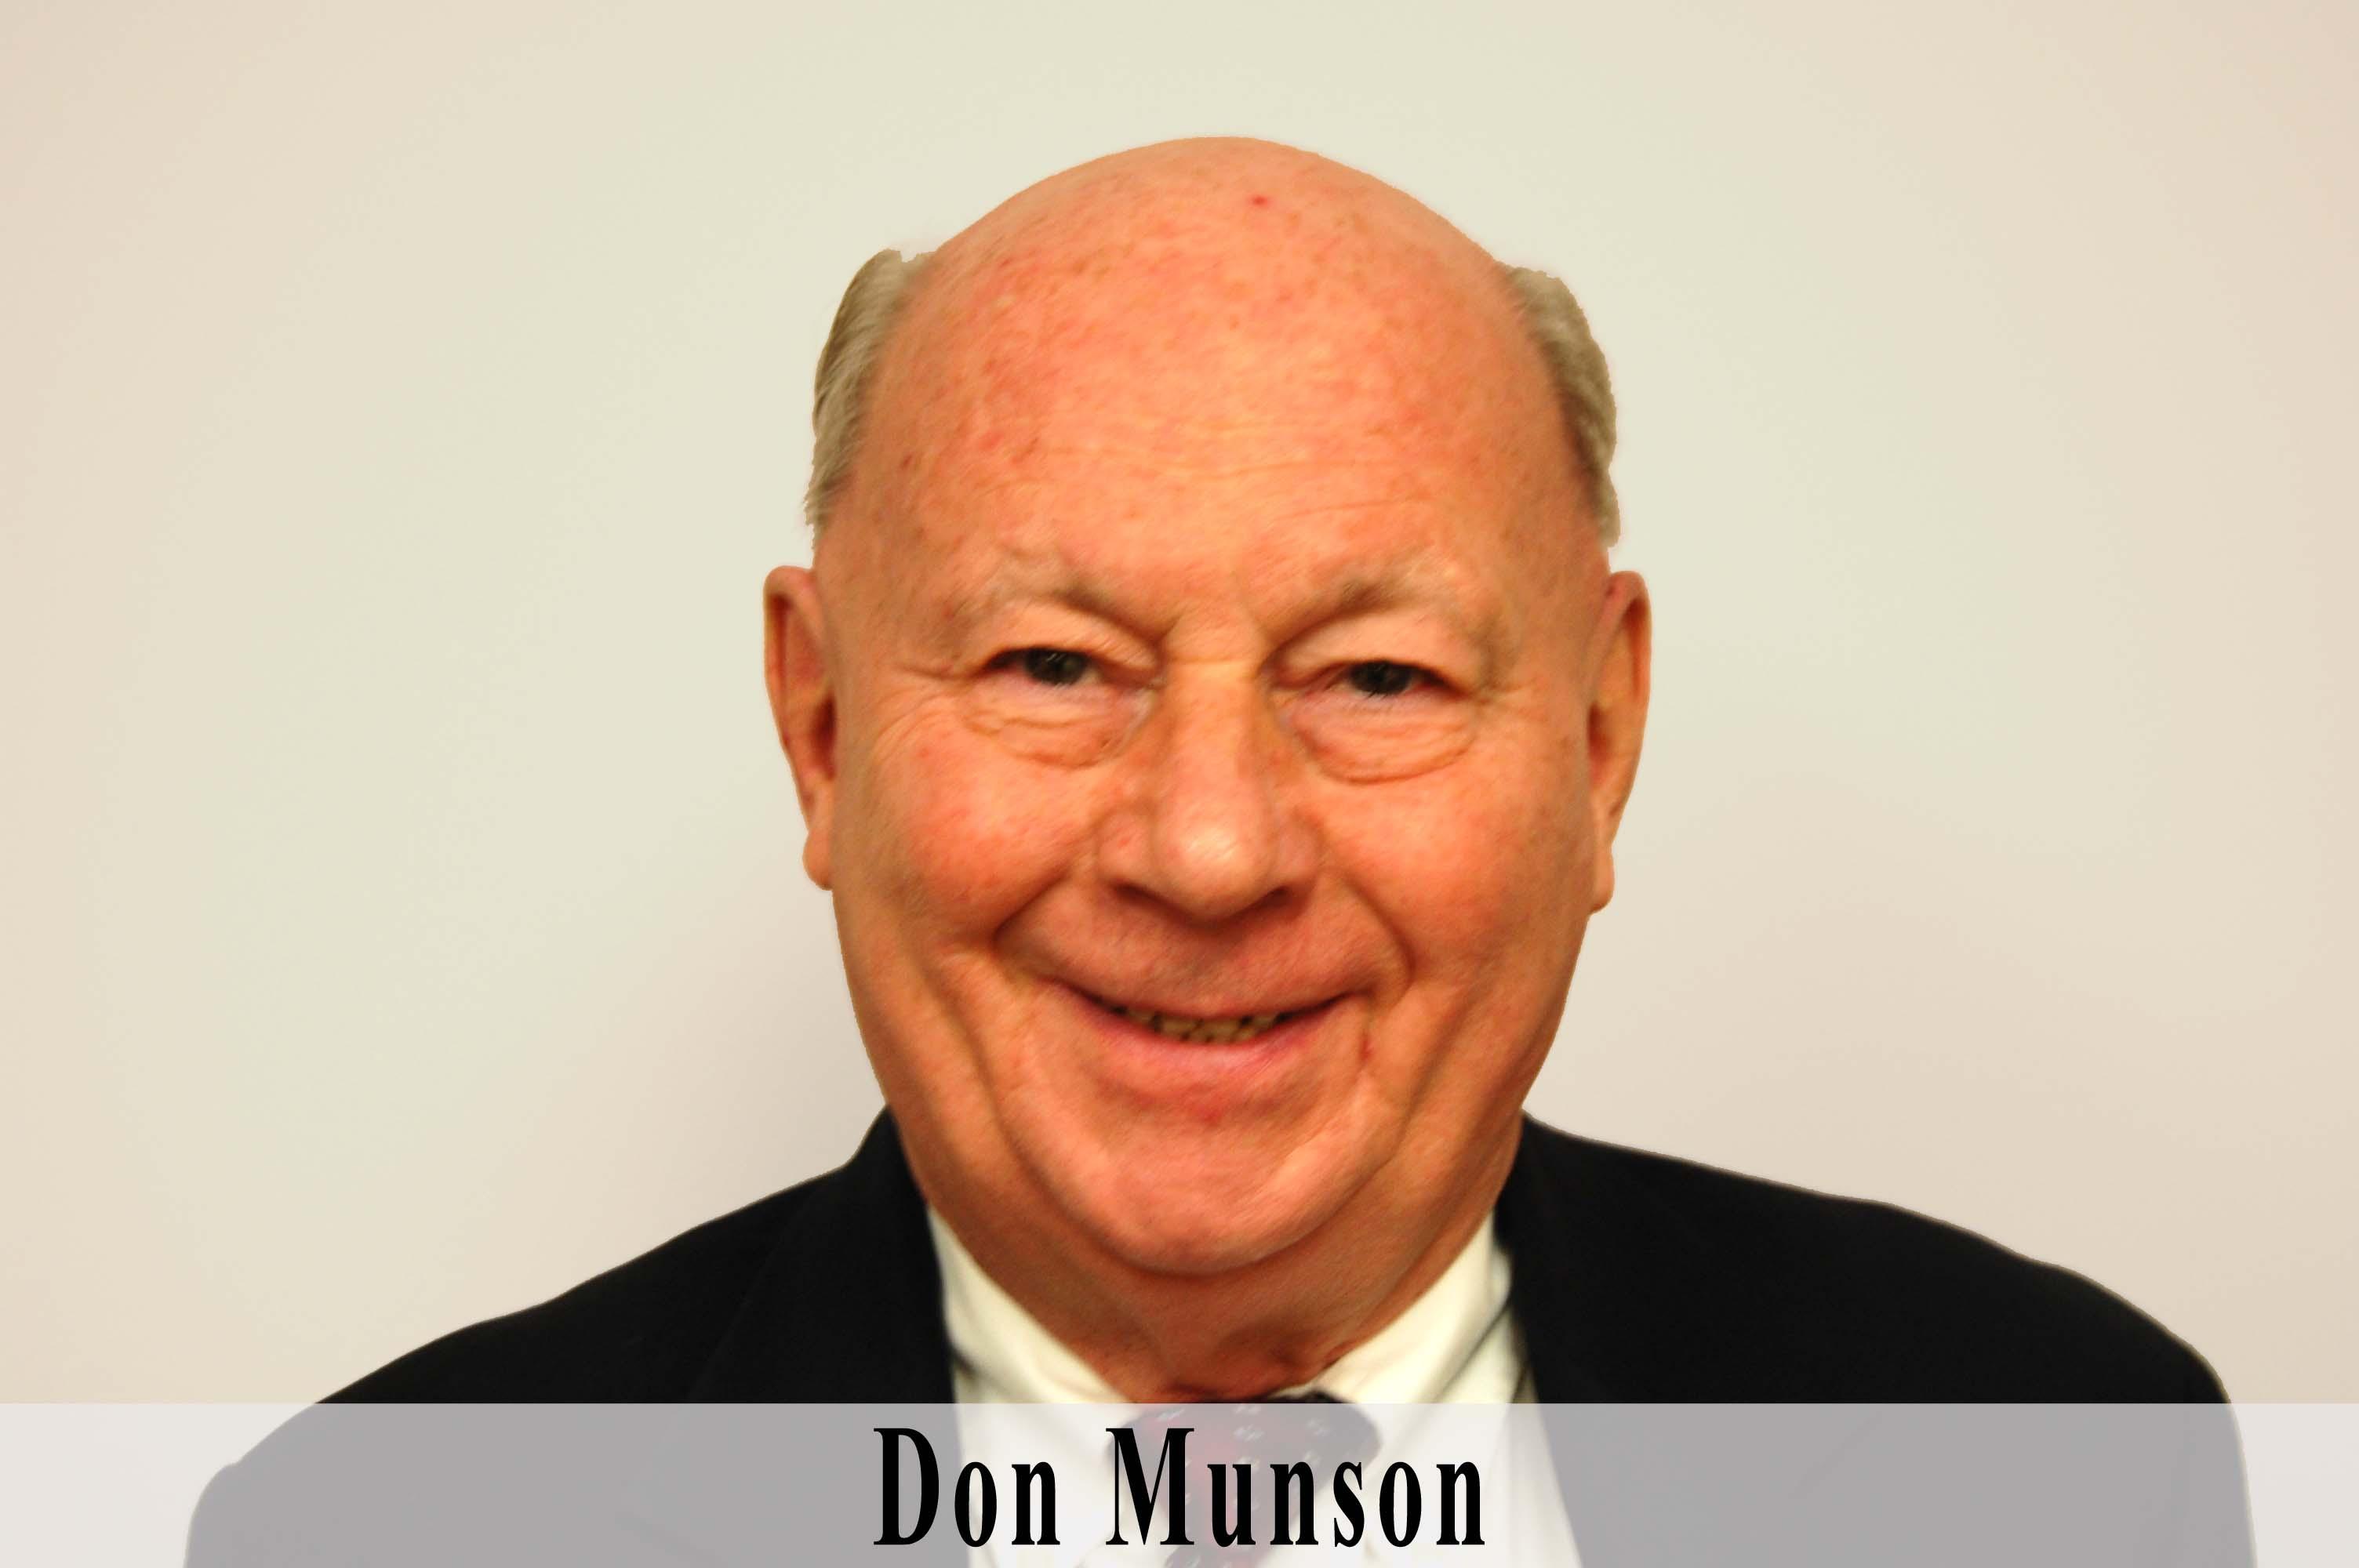 Don Munson